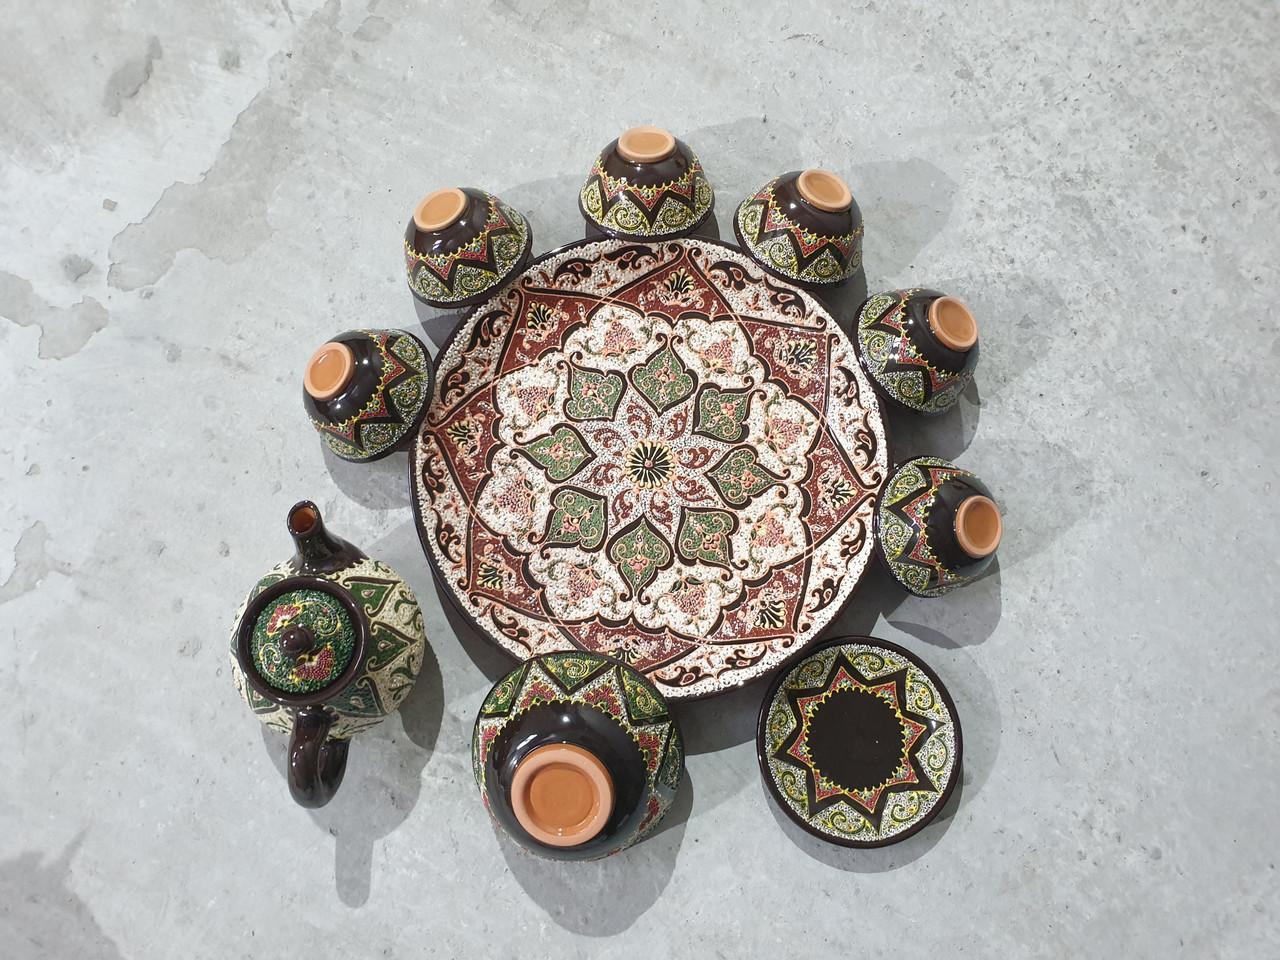 Узбекский сервиз 3D техники, ручной работы из красной глины. 10 предметов